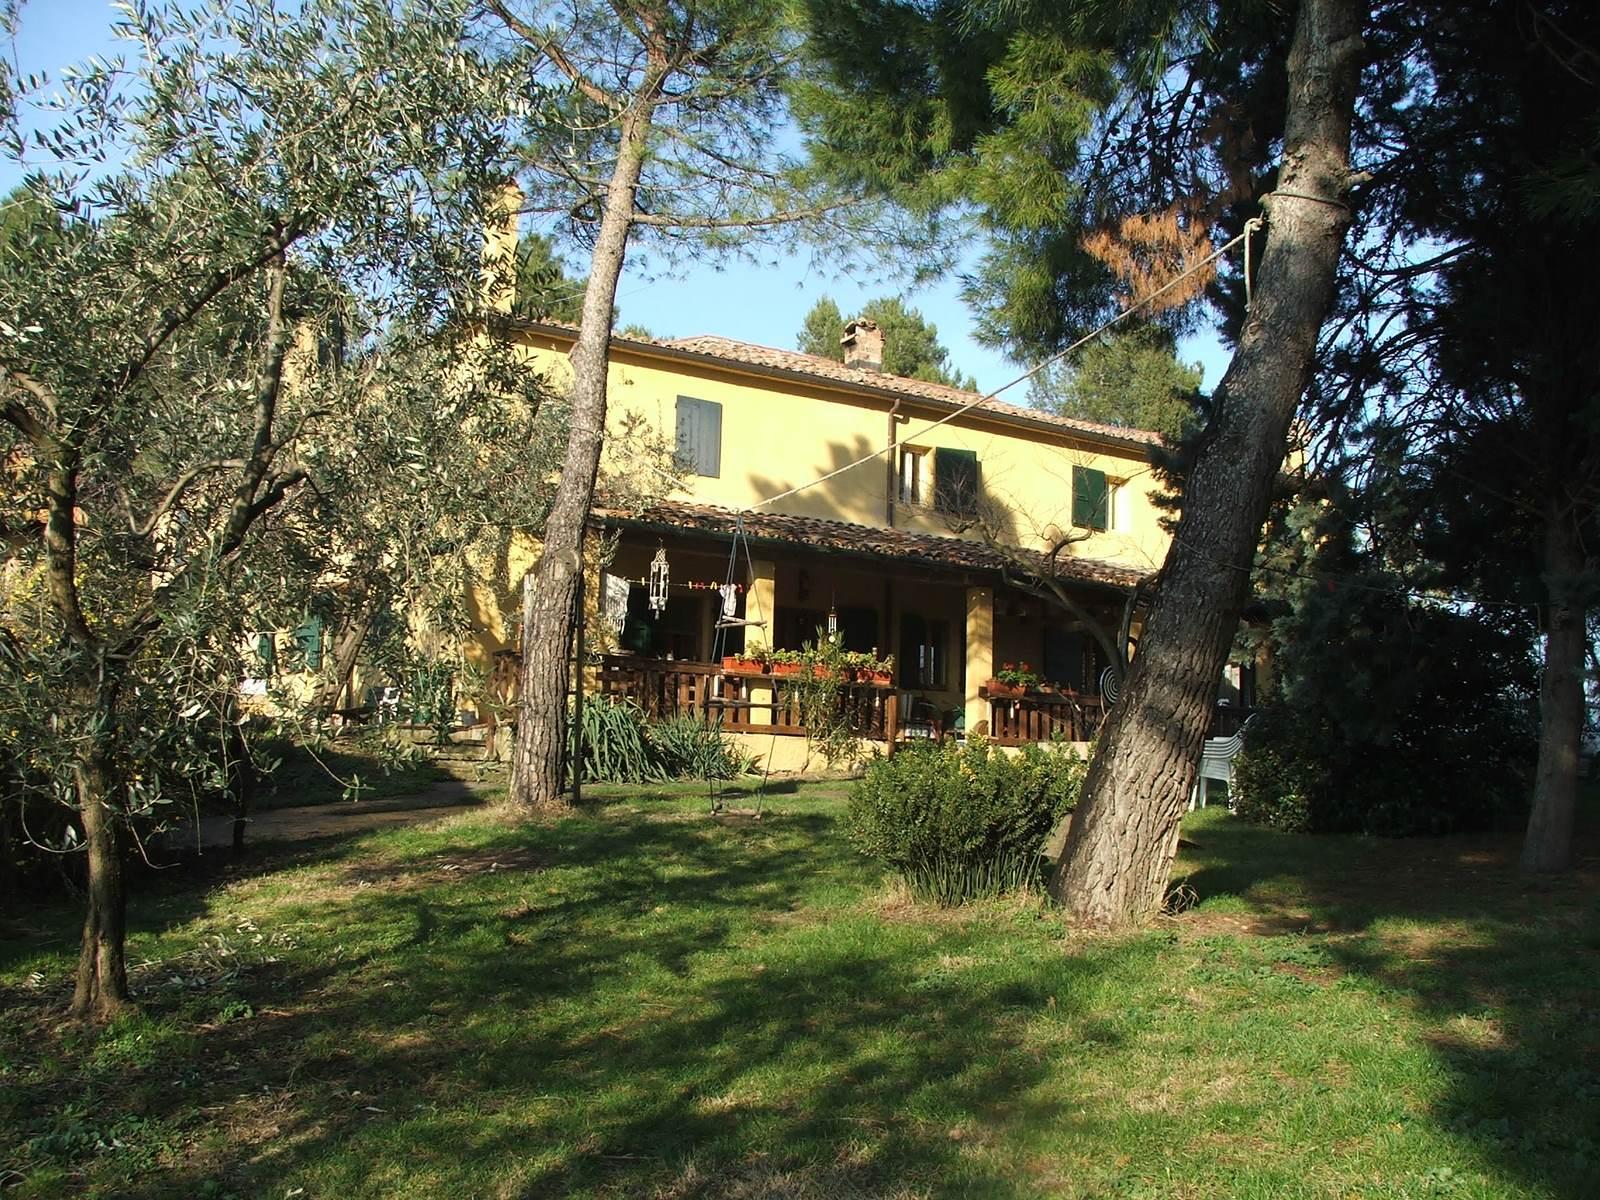 Ferienhaus Pescatore (870454), Fano (IT), Adriaküste (Marken), Marken, Italien, Bild 4